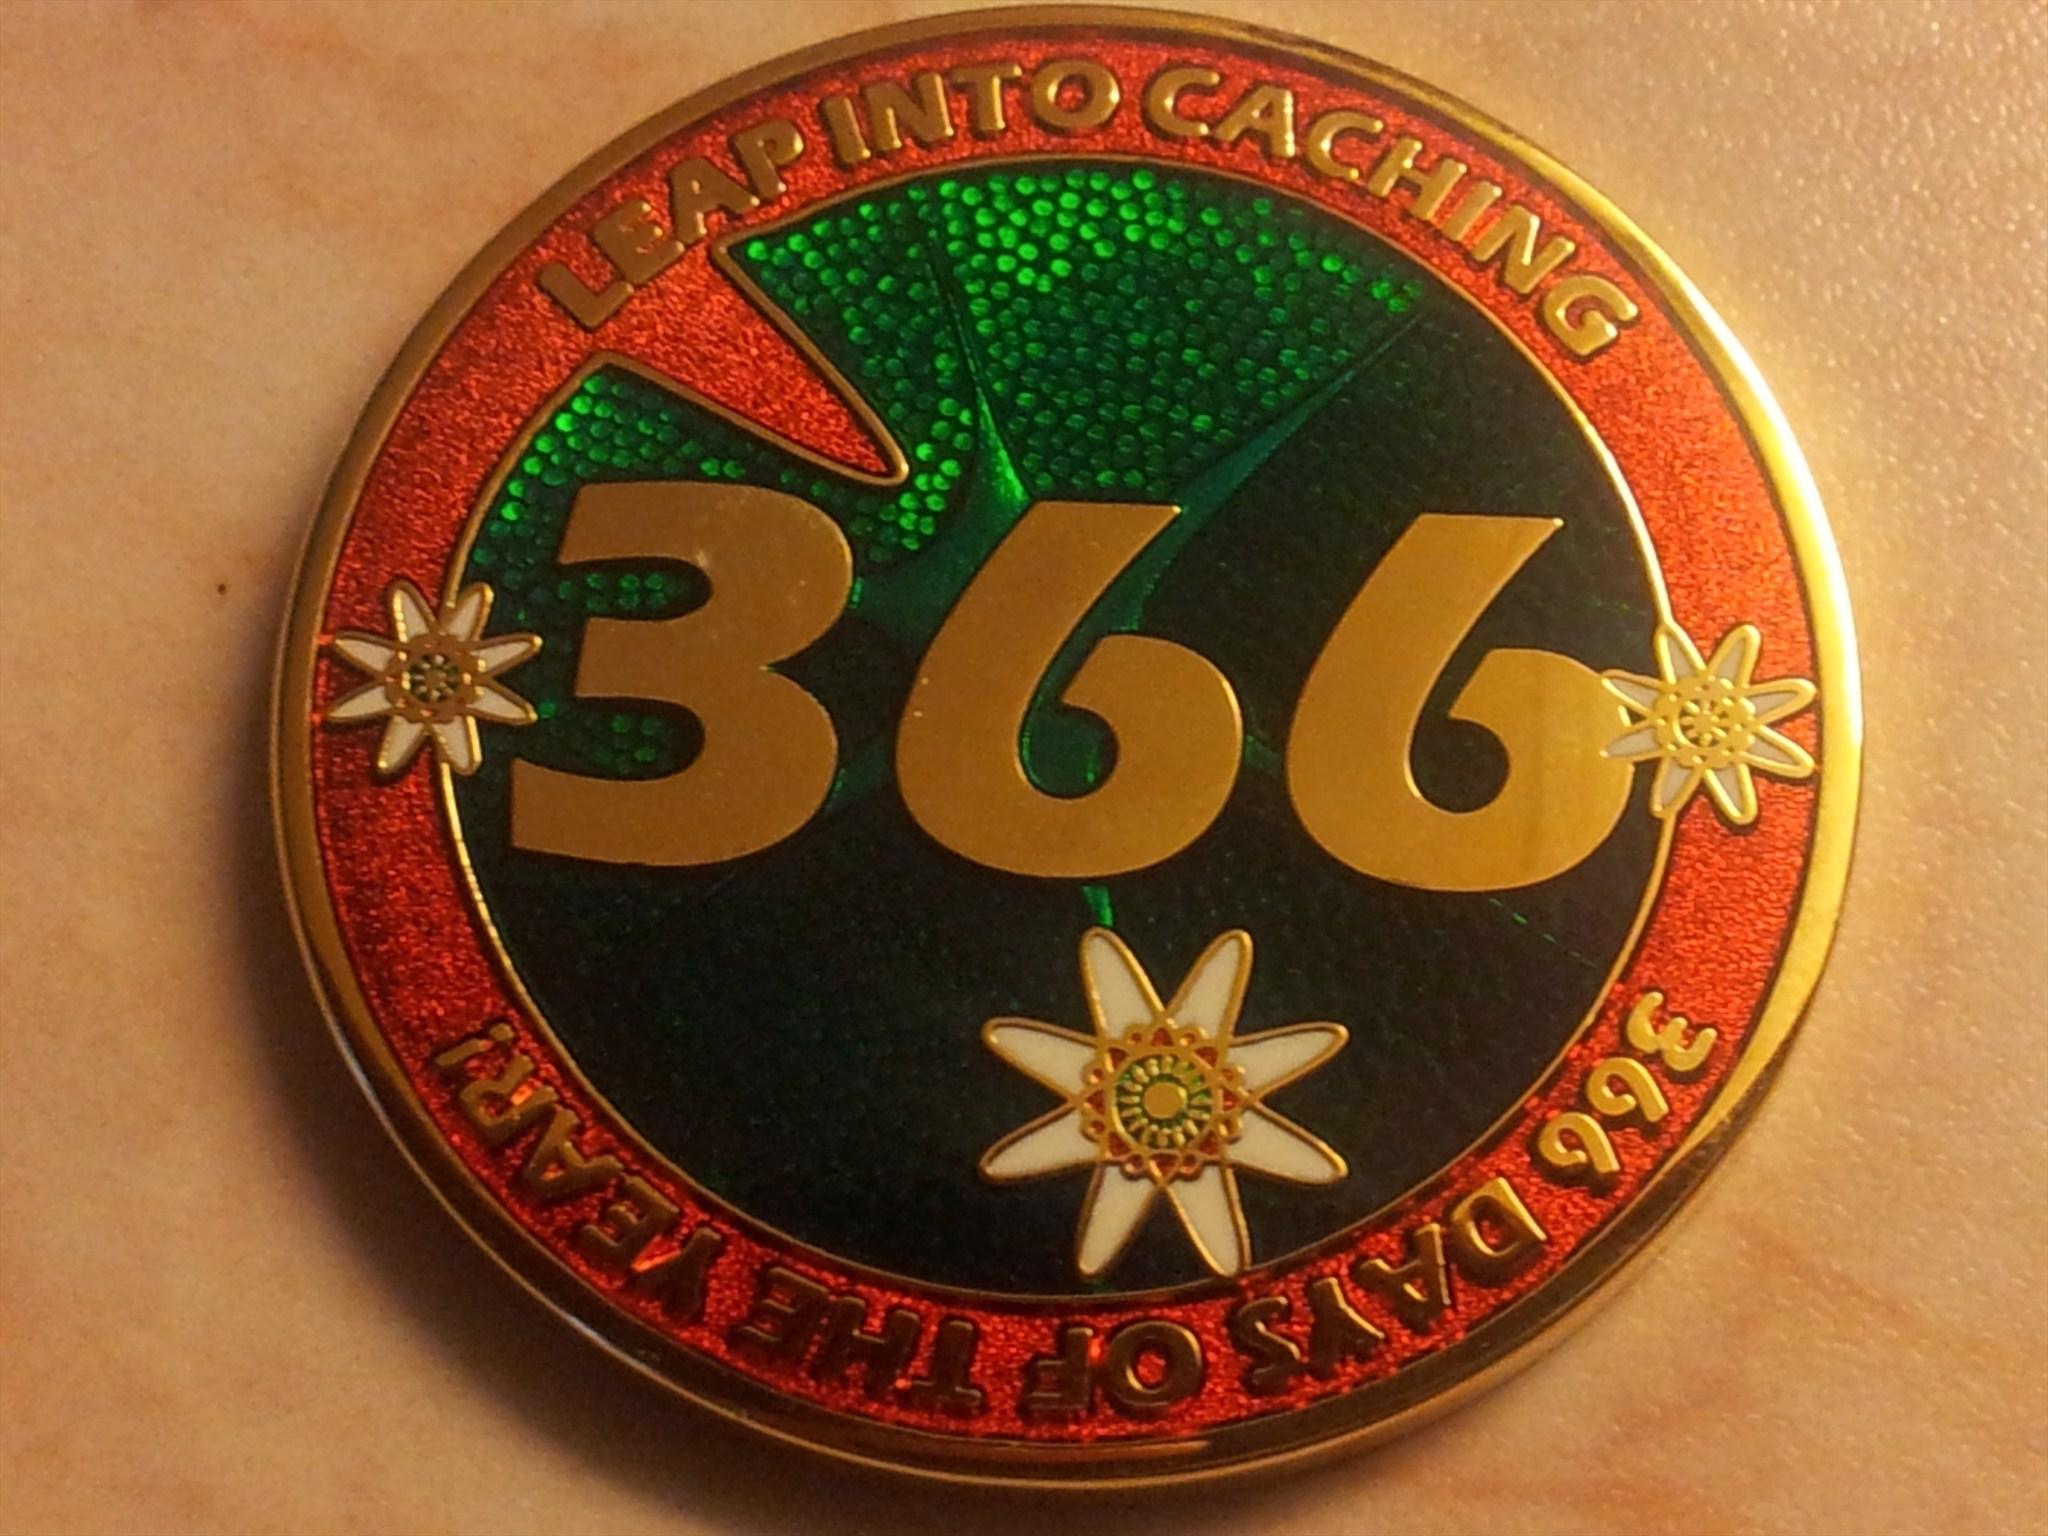 80f6f72c-1578-4296-8df0-053885a3bd3c.jpg?rnd=0.5866772